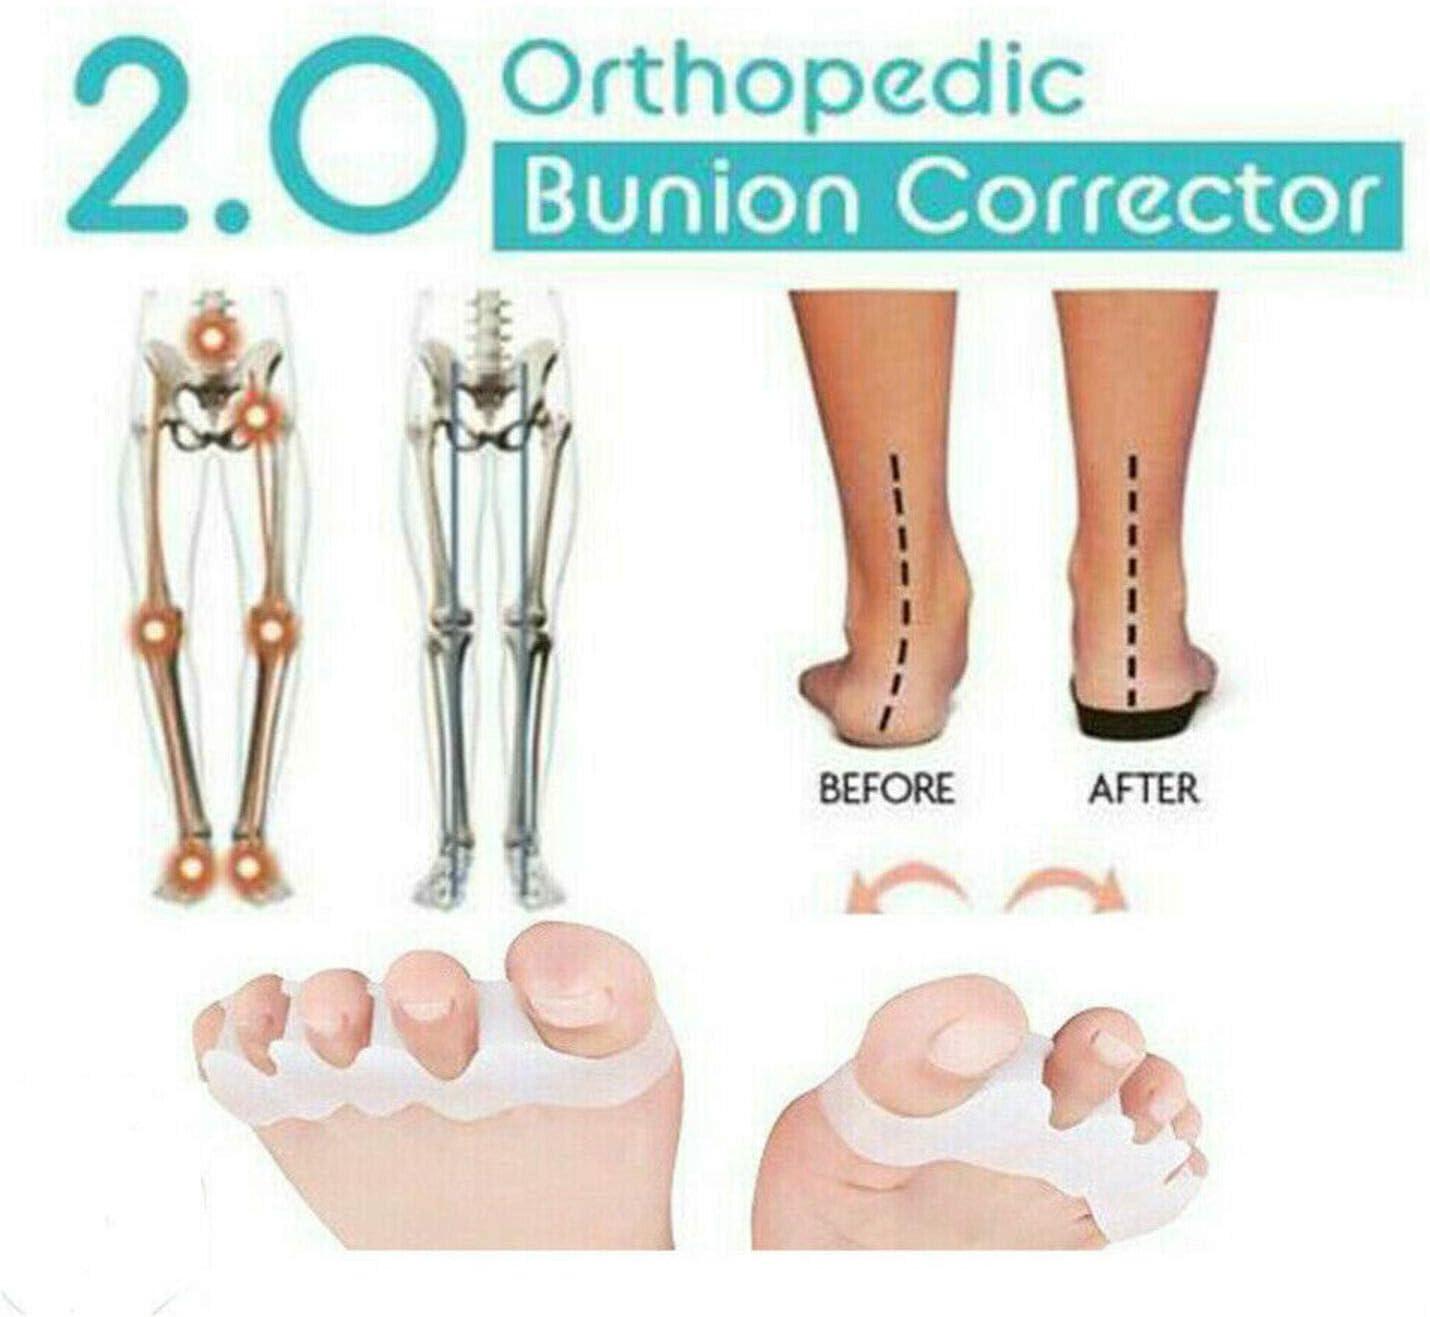 Corrector ortopédico para juanetes 2.0 y protectores para el alivio de juanetes, separadores elásticos de gel suave. (1)